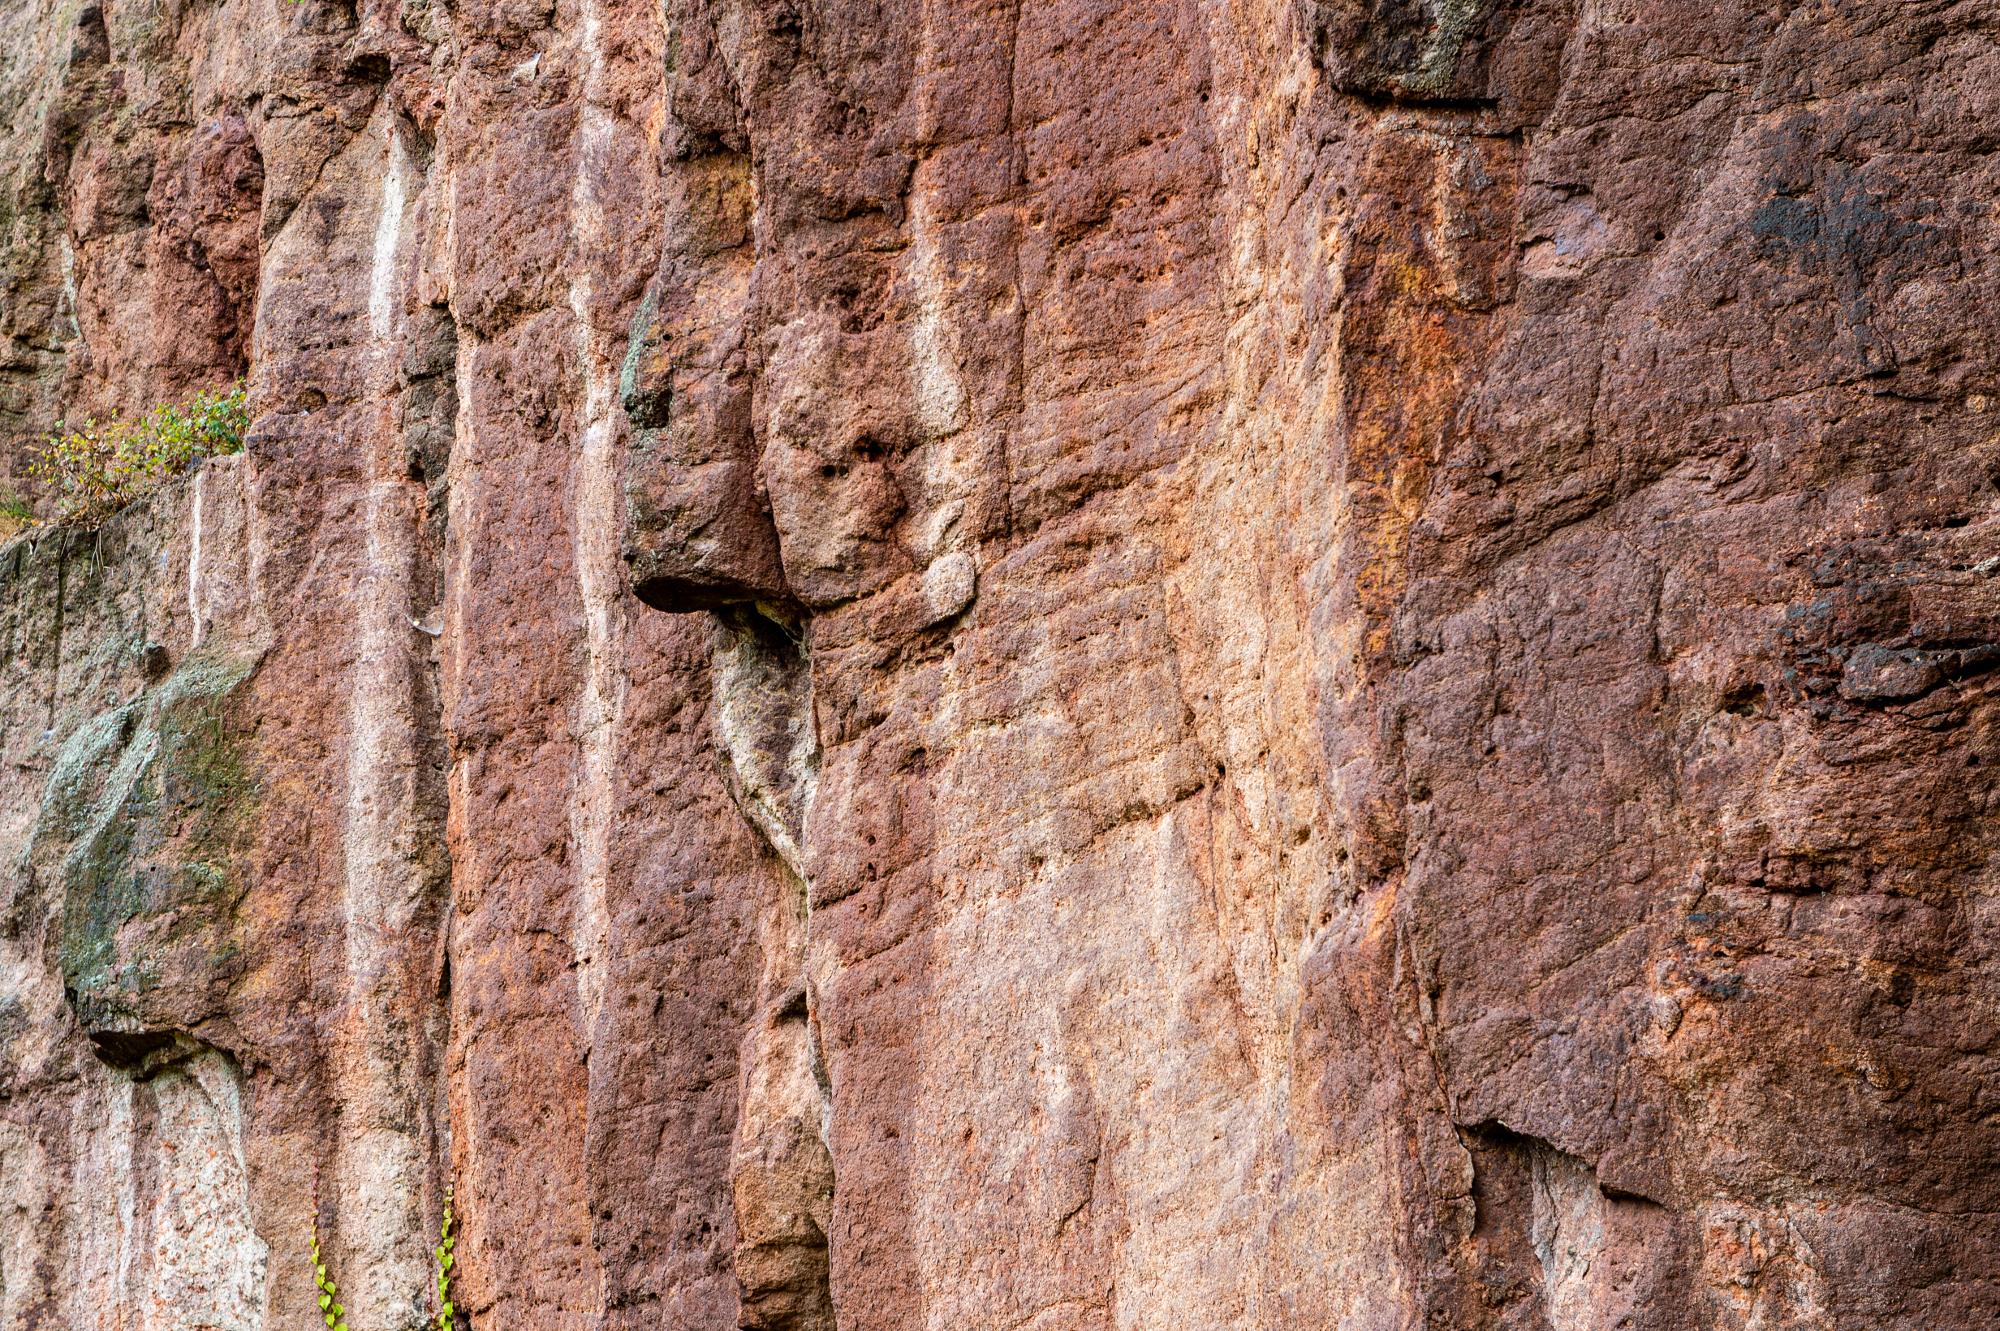 Horizontales Fließgefüge im Leisniger Porphyr im Aufschluss Rote Wand, Foto: M. J. Kellner